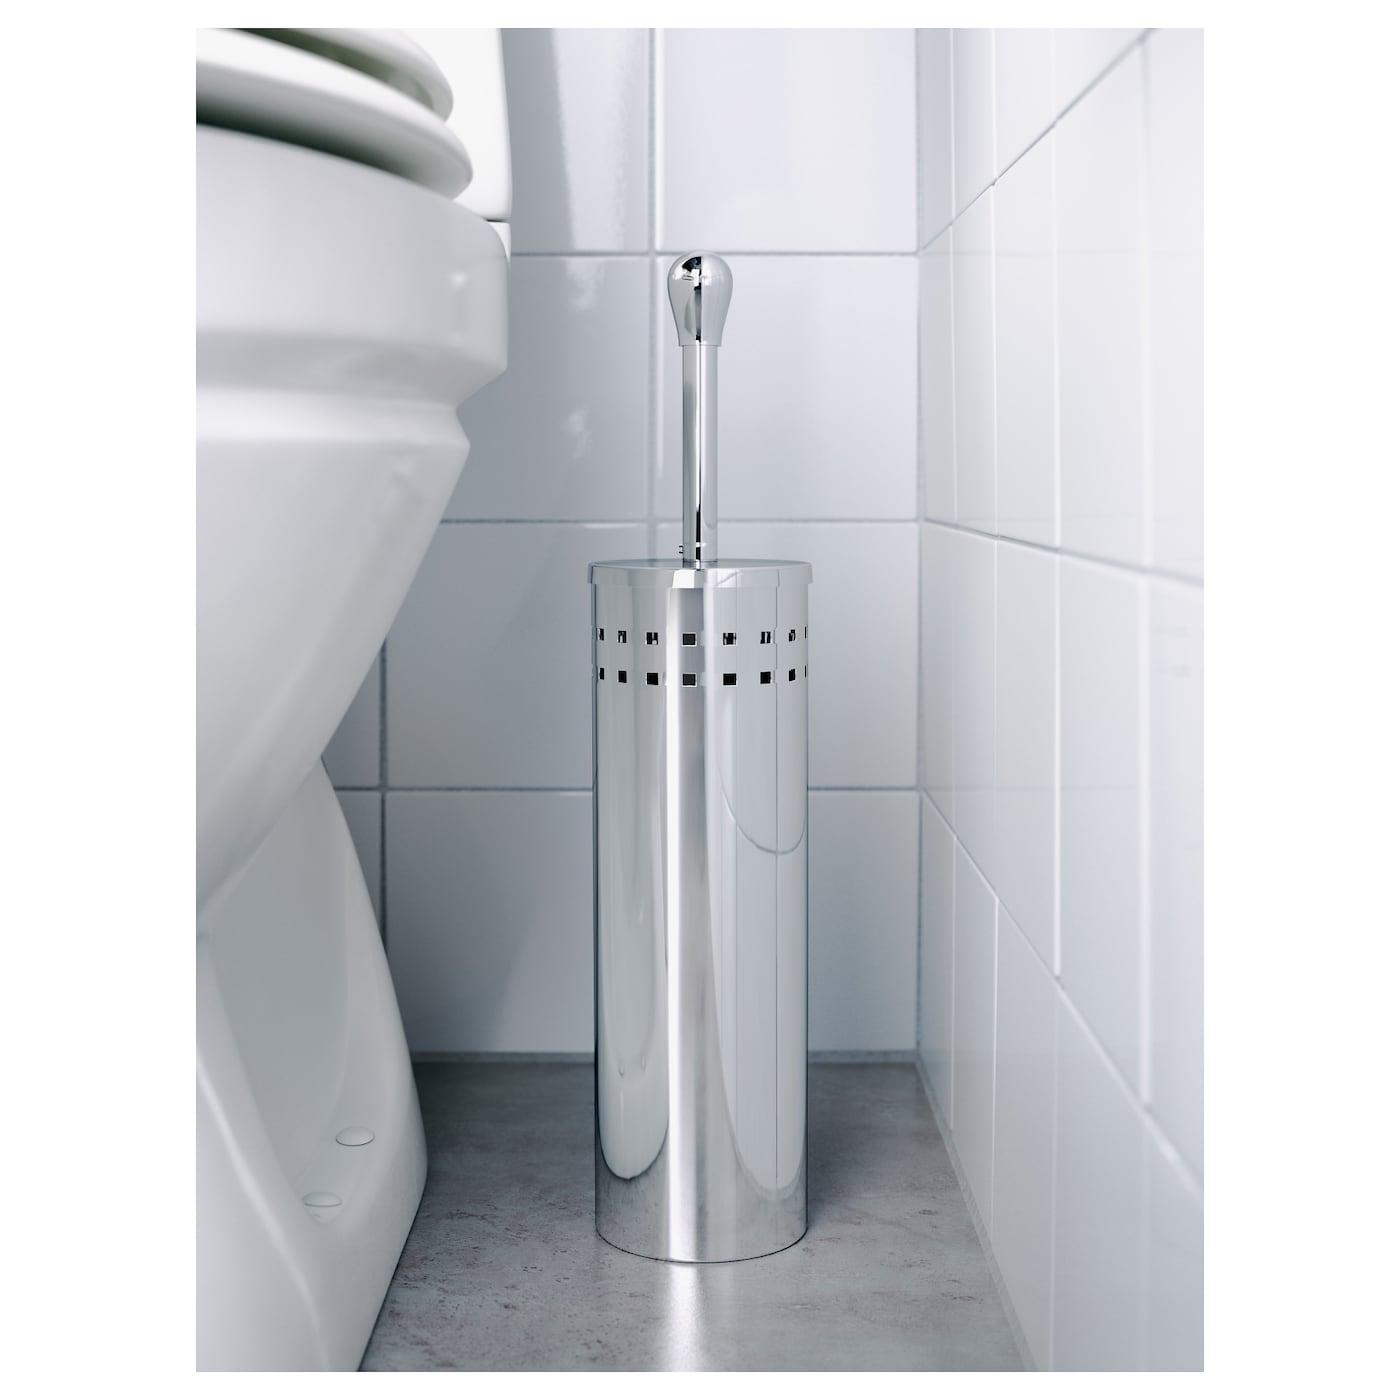 Stainless Steel Bathroom Toilet Brushes Holder Wall Hanger Storage Shelf Chrome